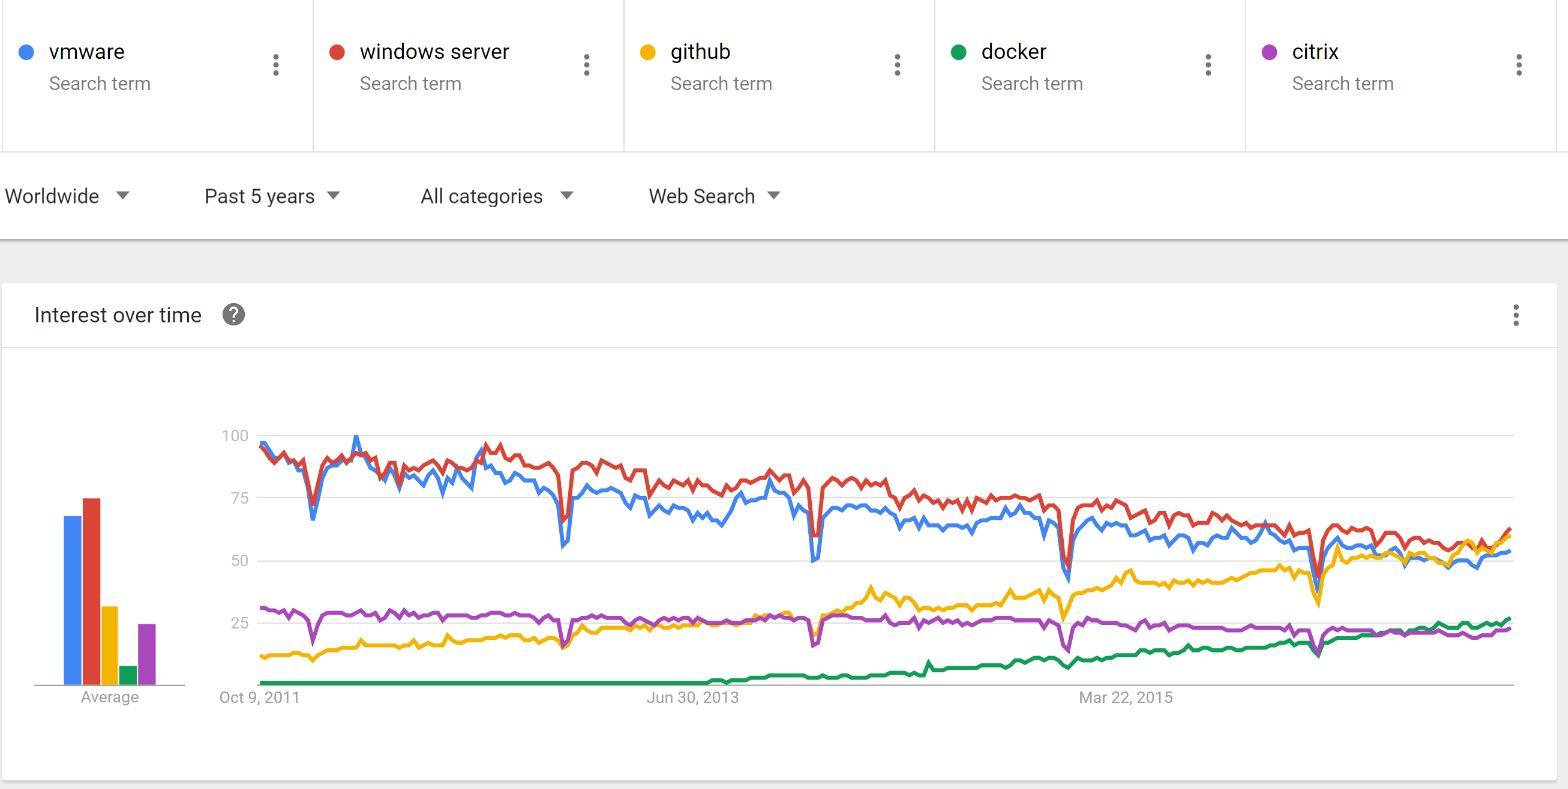 VMware Windows Server Github Docker Citrix 1 - ServeTheHome